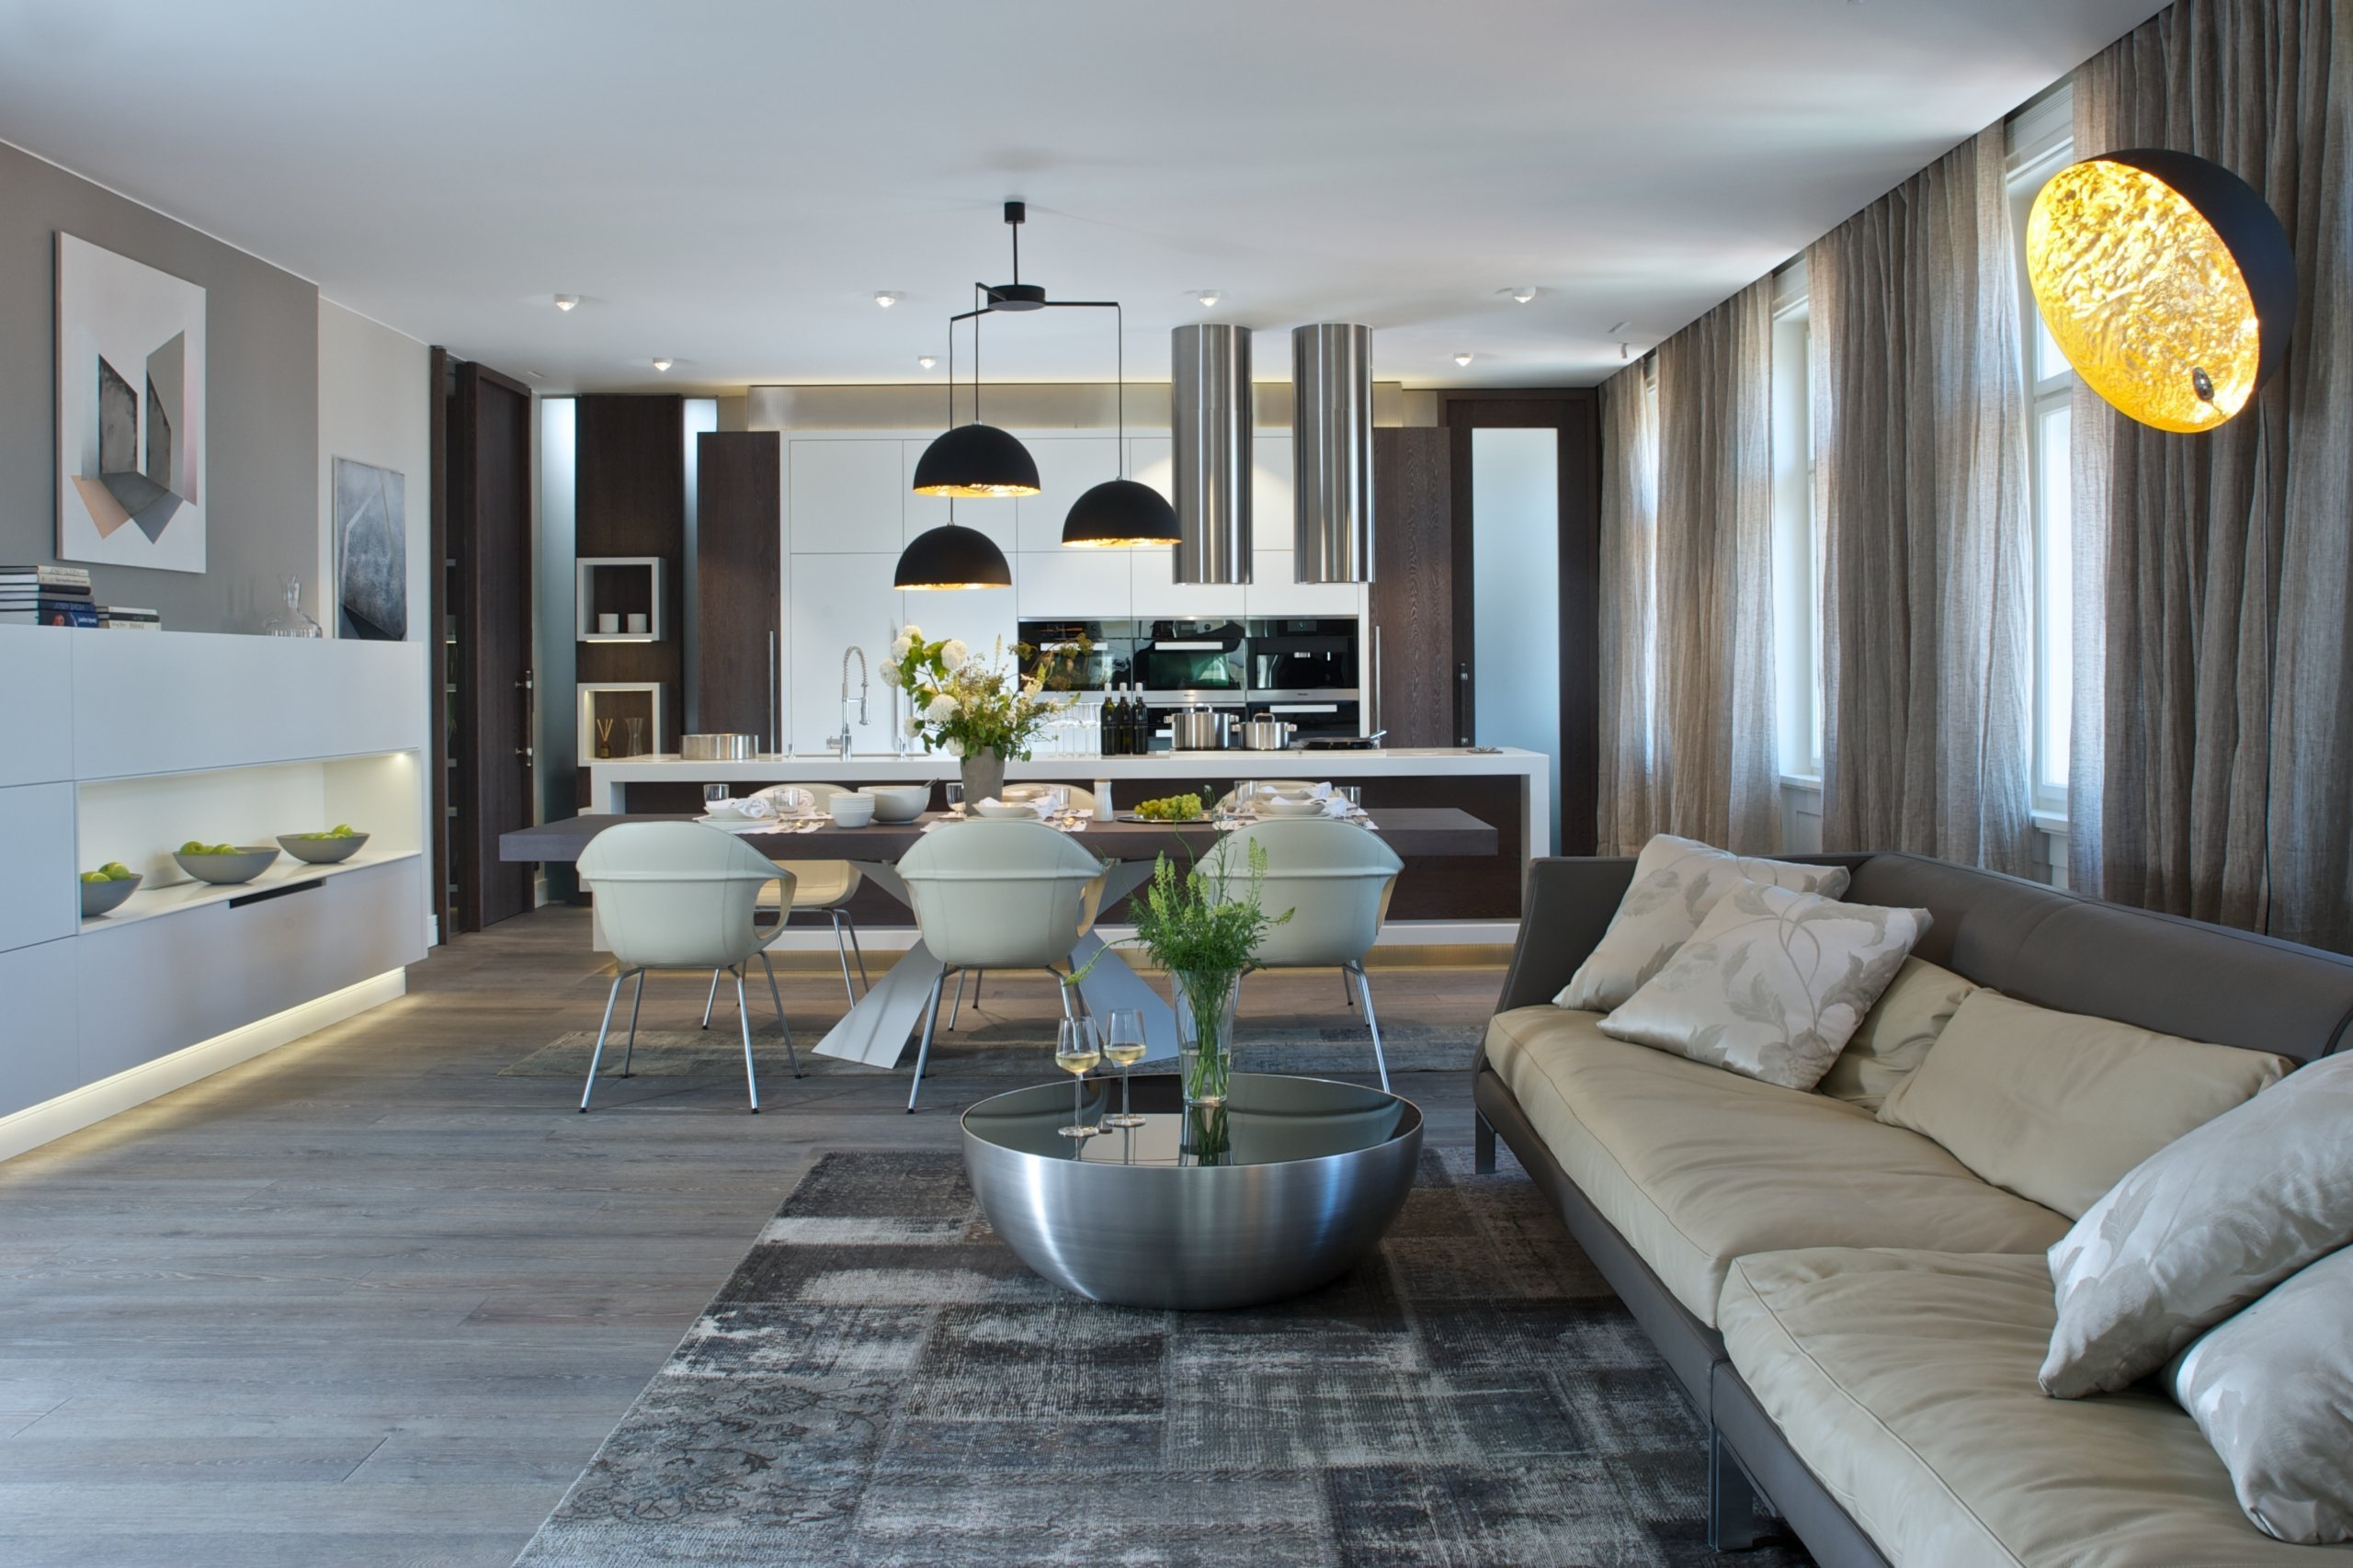 Za zdmi jednoho starého malostranského domuzáří nový byt zcela naplňující současné potřeby mladého manželského páru s dětmi a zároveň pokorně následující…